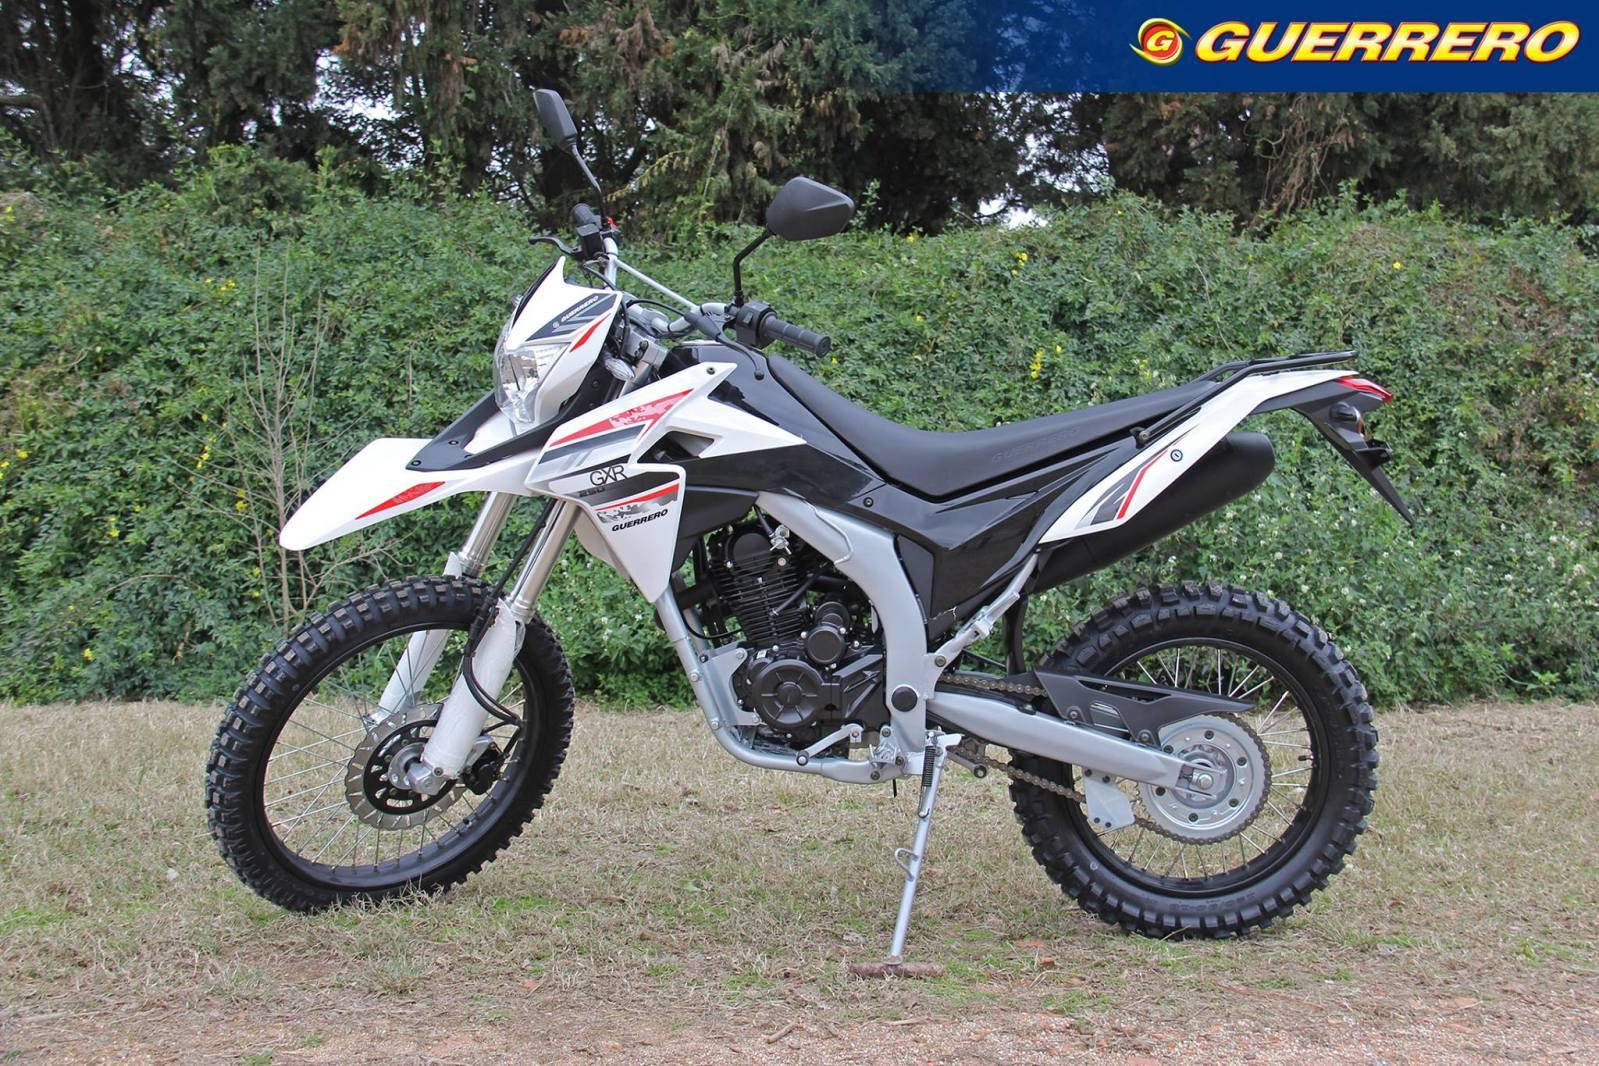 Nueva Guerrero GXR 250 Fbjddg